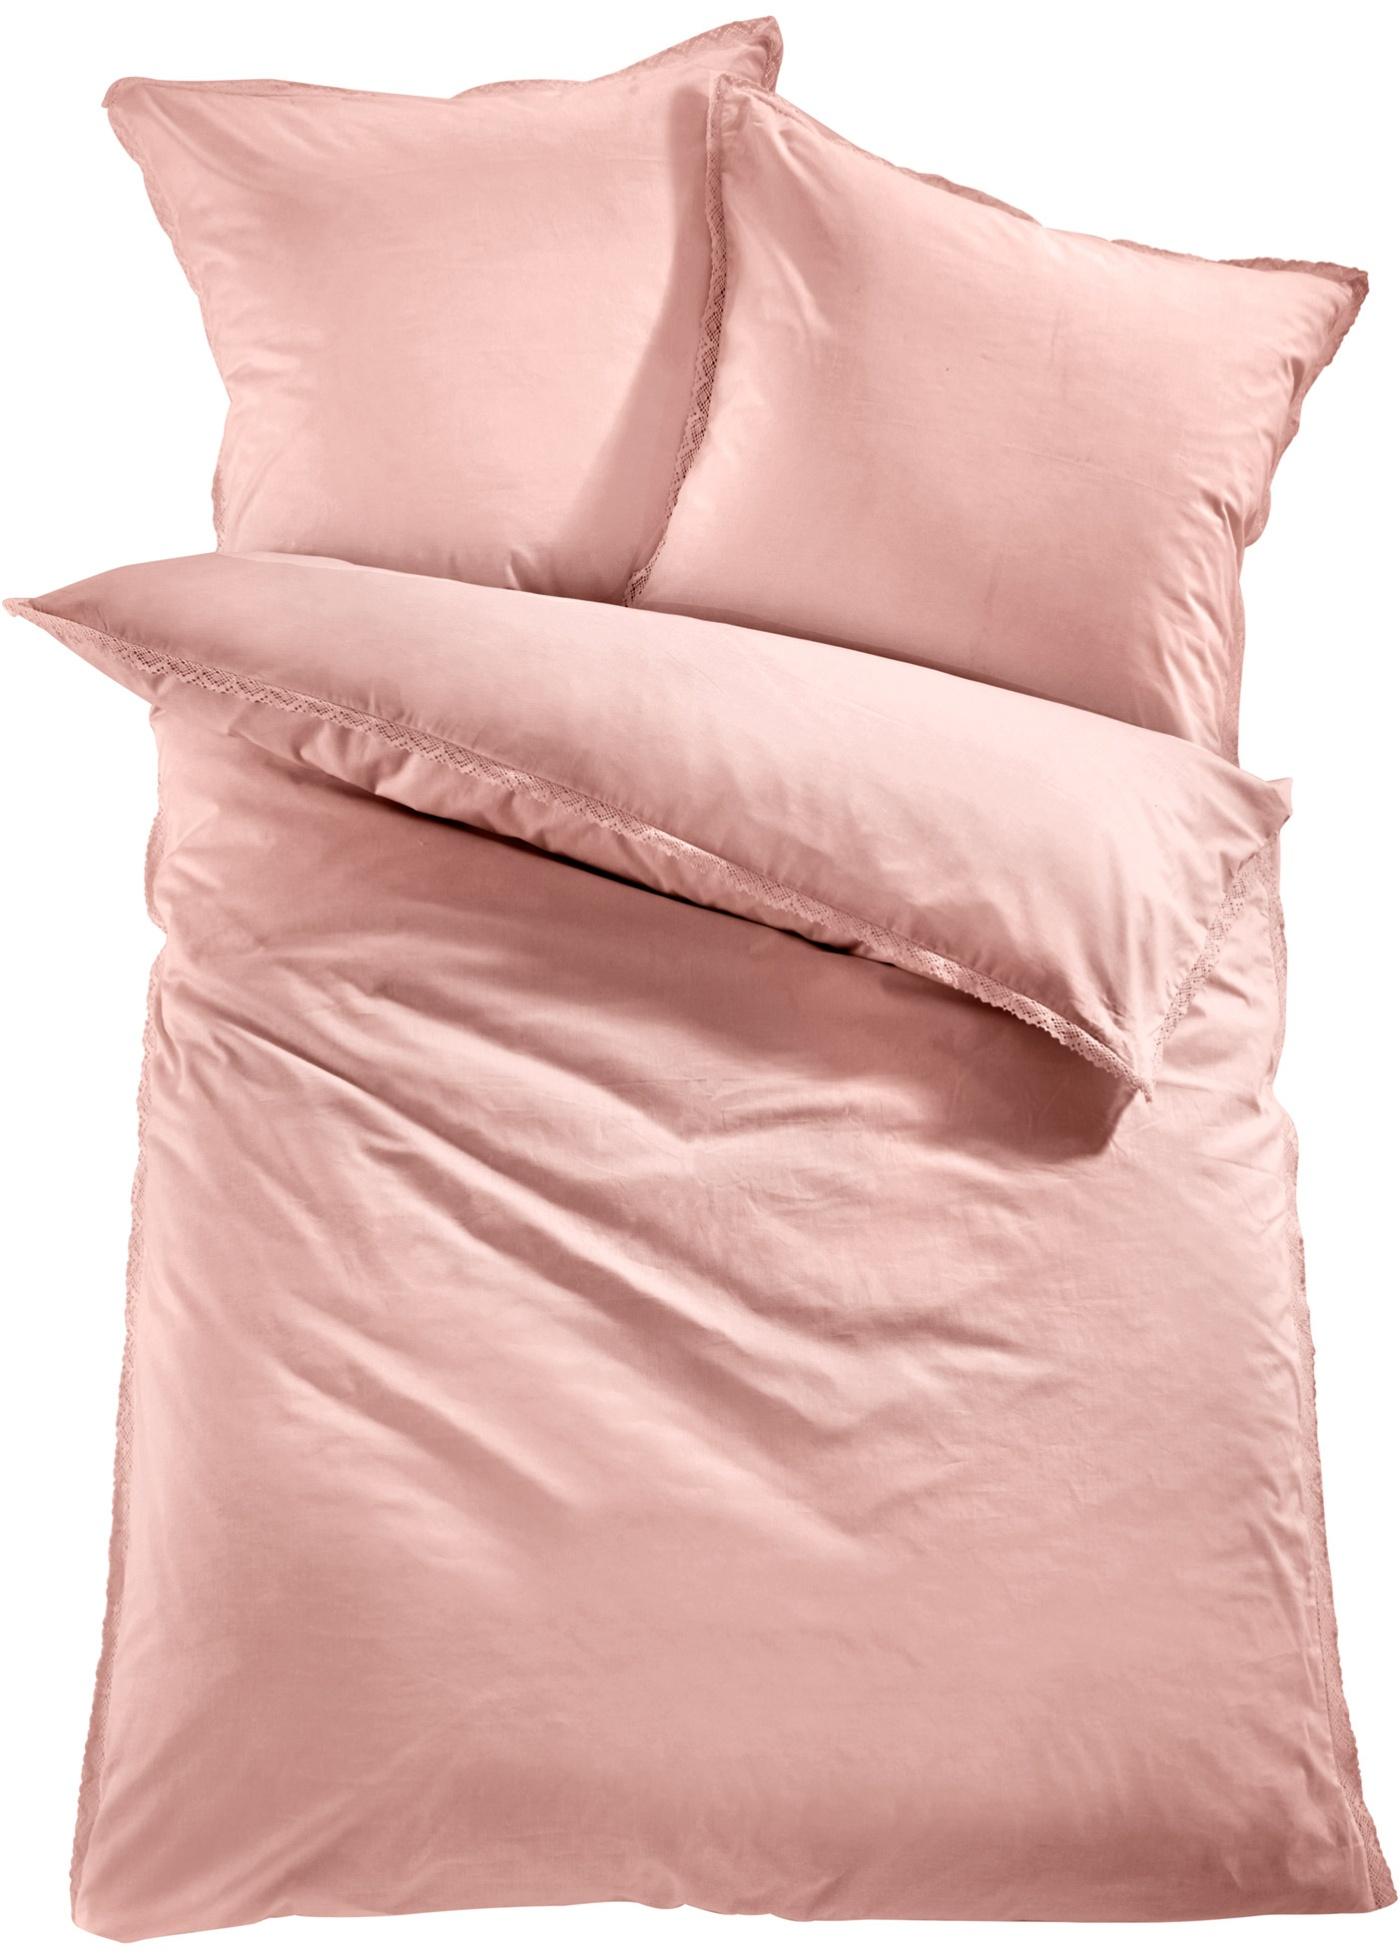 Parure de lit romantique avec bordure en dentelle. Faites de beaux rêves dans un tissage renforcé de qualité supérieure. Disponible en parure 2 ou 4 pces.